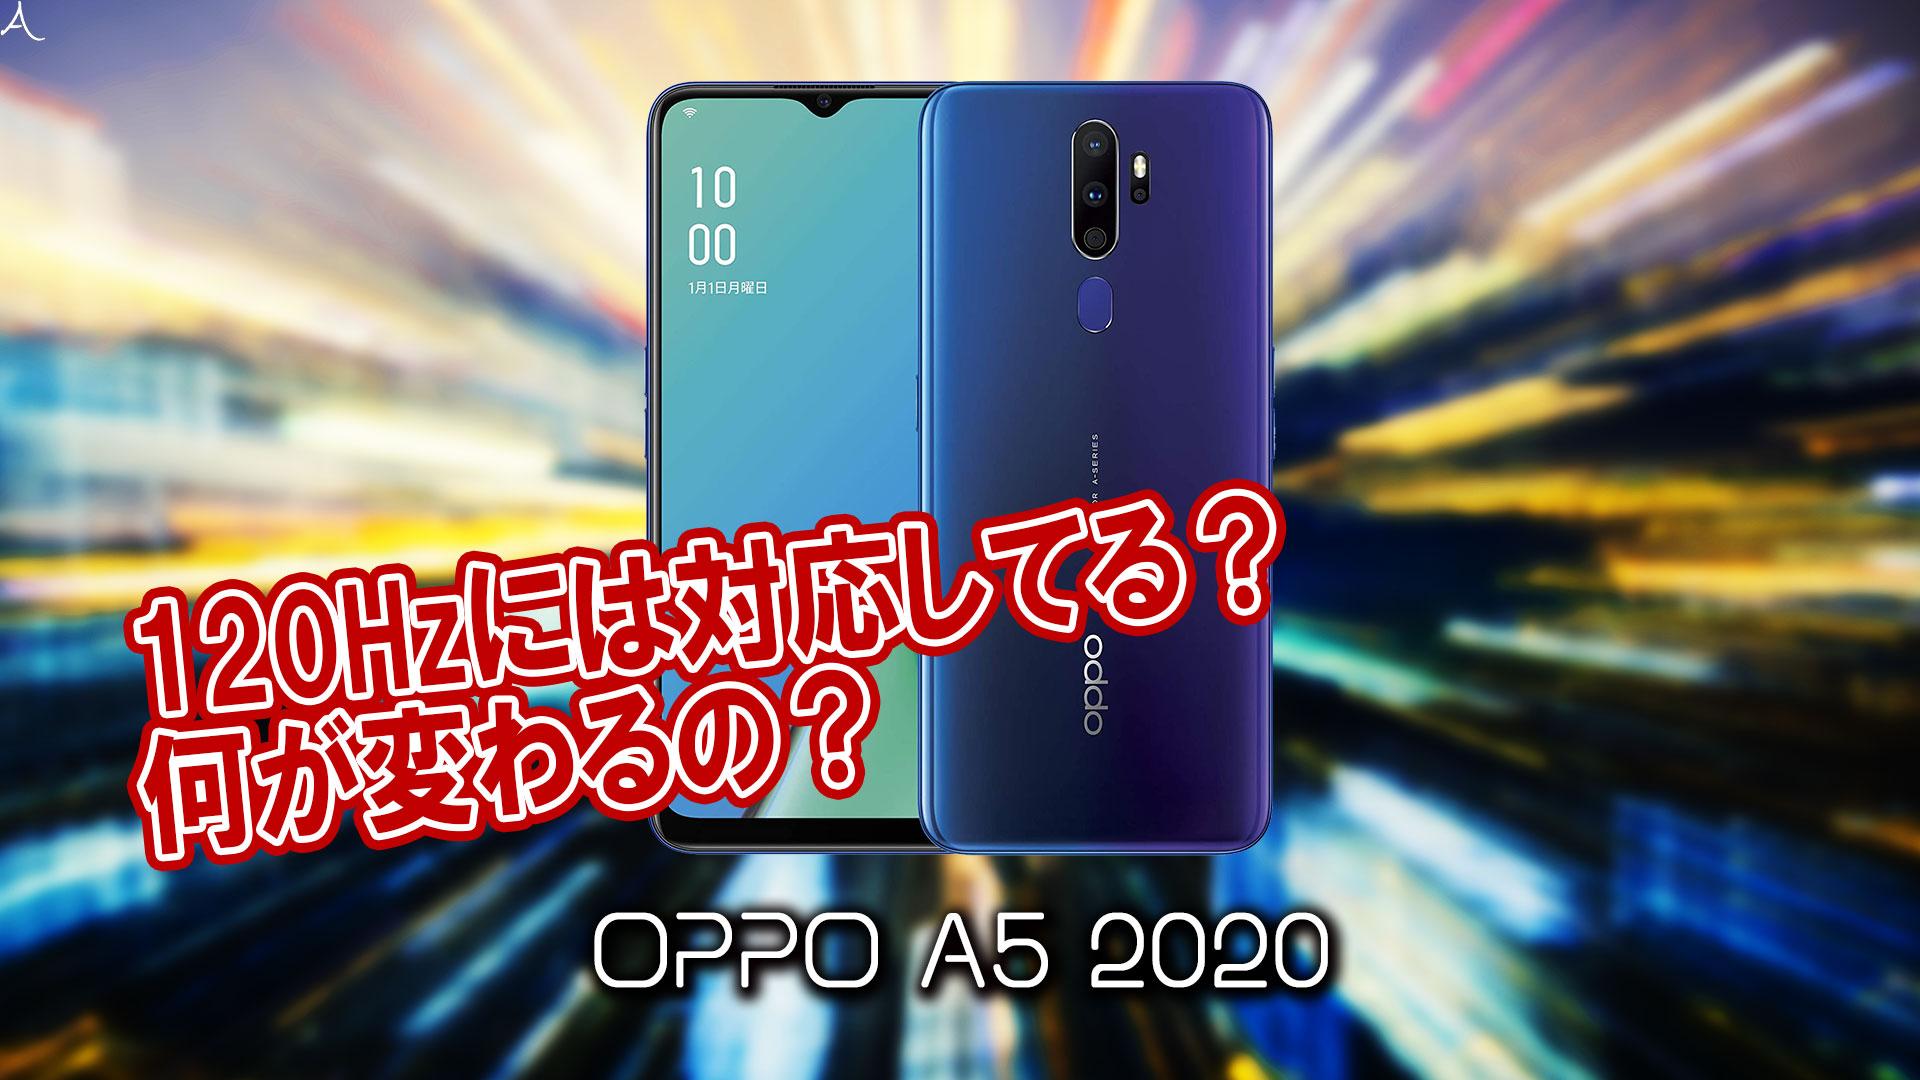 「OPPO A5 2020」のリフレッシュレートはいくつ?120Hzには対応してる?